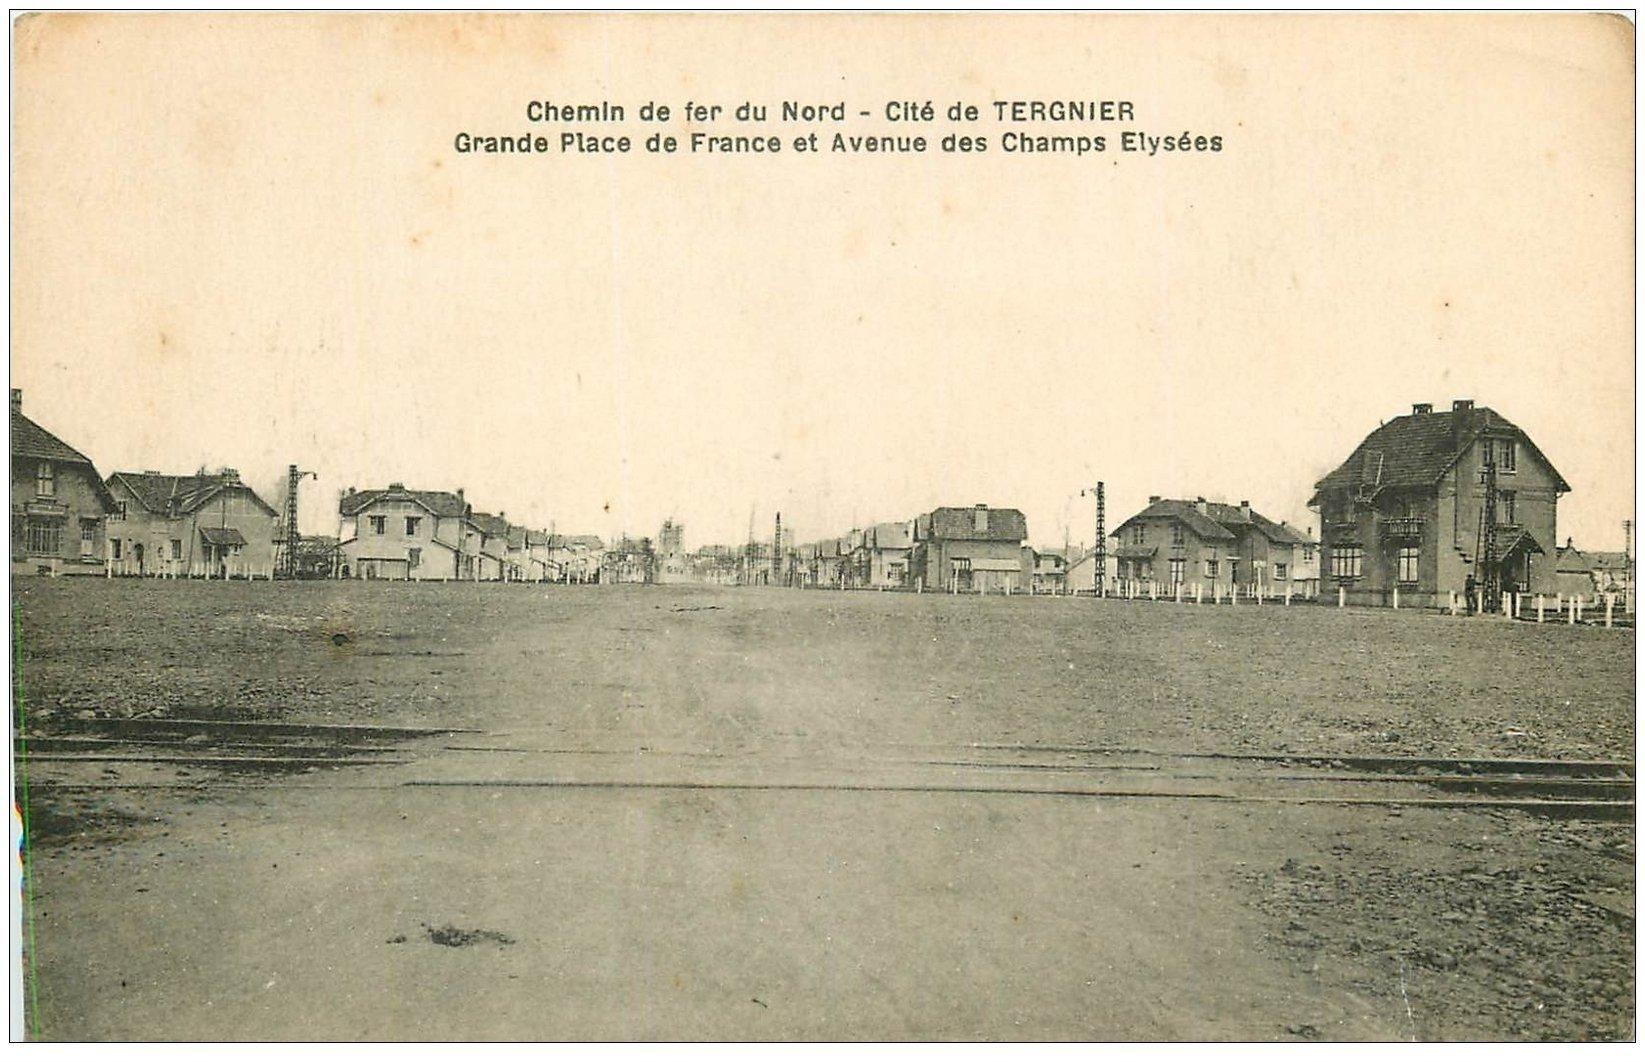 carte postale ancienne 02 CITE DE TERGNIER. Grand Place de France Avenue des Champs Elysées. Chemin de Fer du Nord